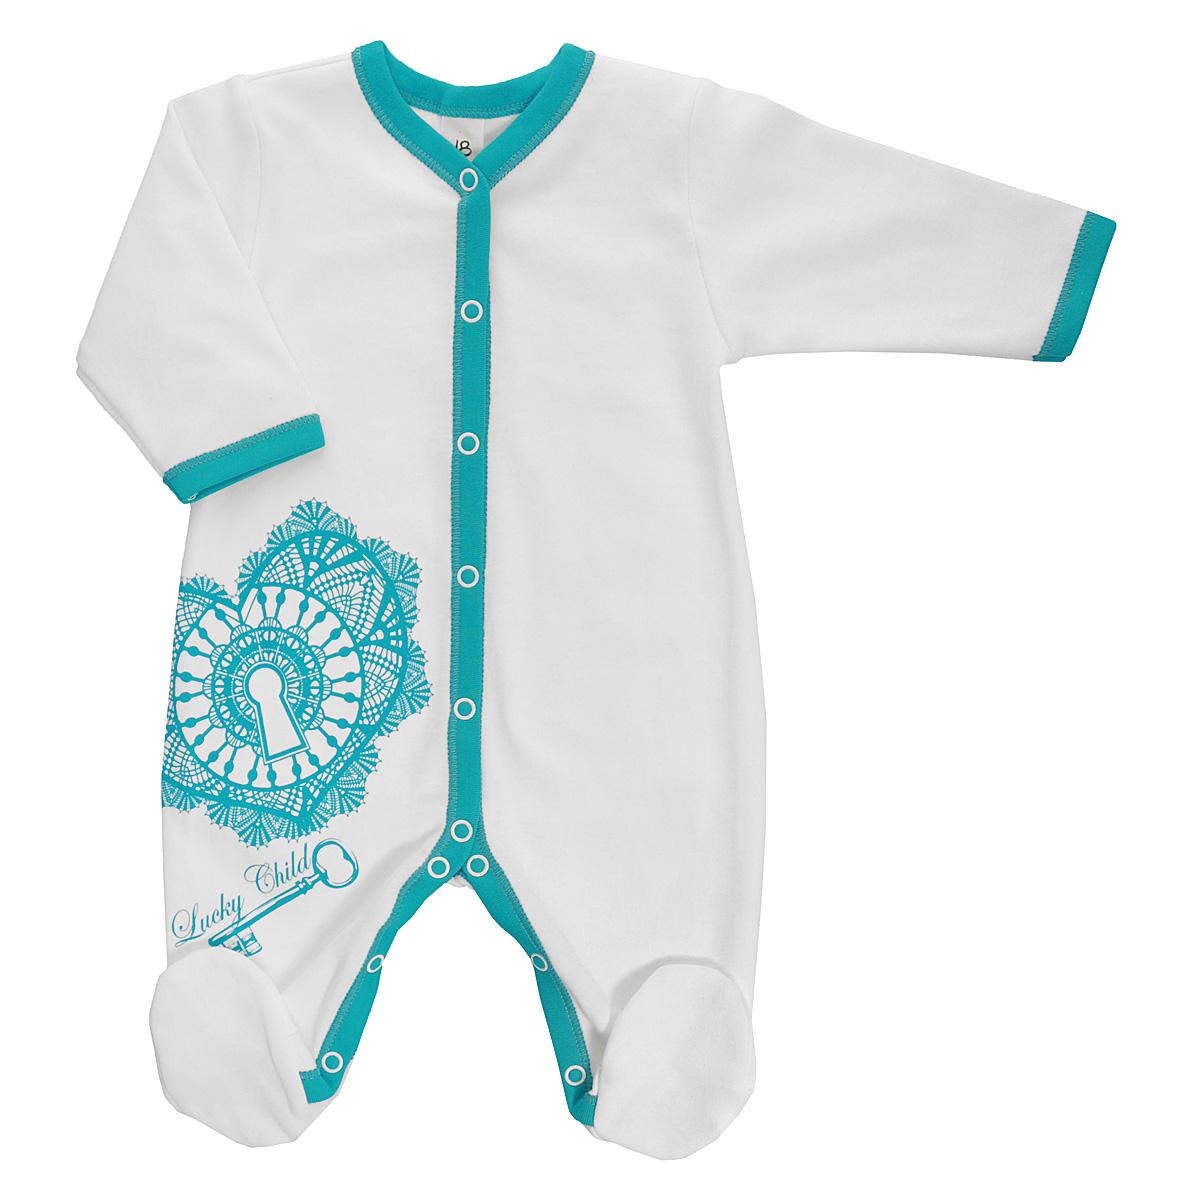 Комбинезон детский Lucky Child, цвет: молочный, бирюзовый. 14-1. Размер 80/8614-1Детский комбинезон Lucky Child - очень удобный и практичный вид одежды для малышей. Комбинезон выполнен из натурального хлопка, благодаря чему он необычайно мягкий и приятный на ощупь, не раздражает нежную кожу ребенка и хорошо вентилируется, а эластичные швы приятны телу малыша и не препятствуют его движениям. Комбинезон с длинными рукавами и закрытыми ножками имеет застежки-кнопки от горловины до щиколоток, которые помогают легко переодеть младенца или сменить подгузник. Оформлена модель оригинальны принтом с изображением необычного сердечка и ключа от него, а также принтовой надписью с названием бренда. С детским комбинезоном Lucky Child спинка и ножки вашего малыша всегда будут в тепле, он идеален для использования днем и незаменим ночью. Комбинезон полностью соответствует особенностям жизни младенца в ранний период, не стесняя и не ограничивая его в движениях!